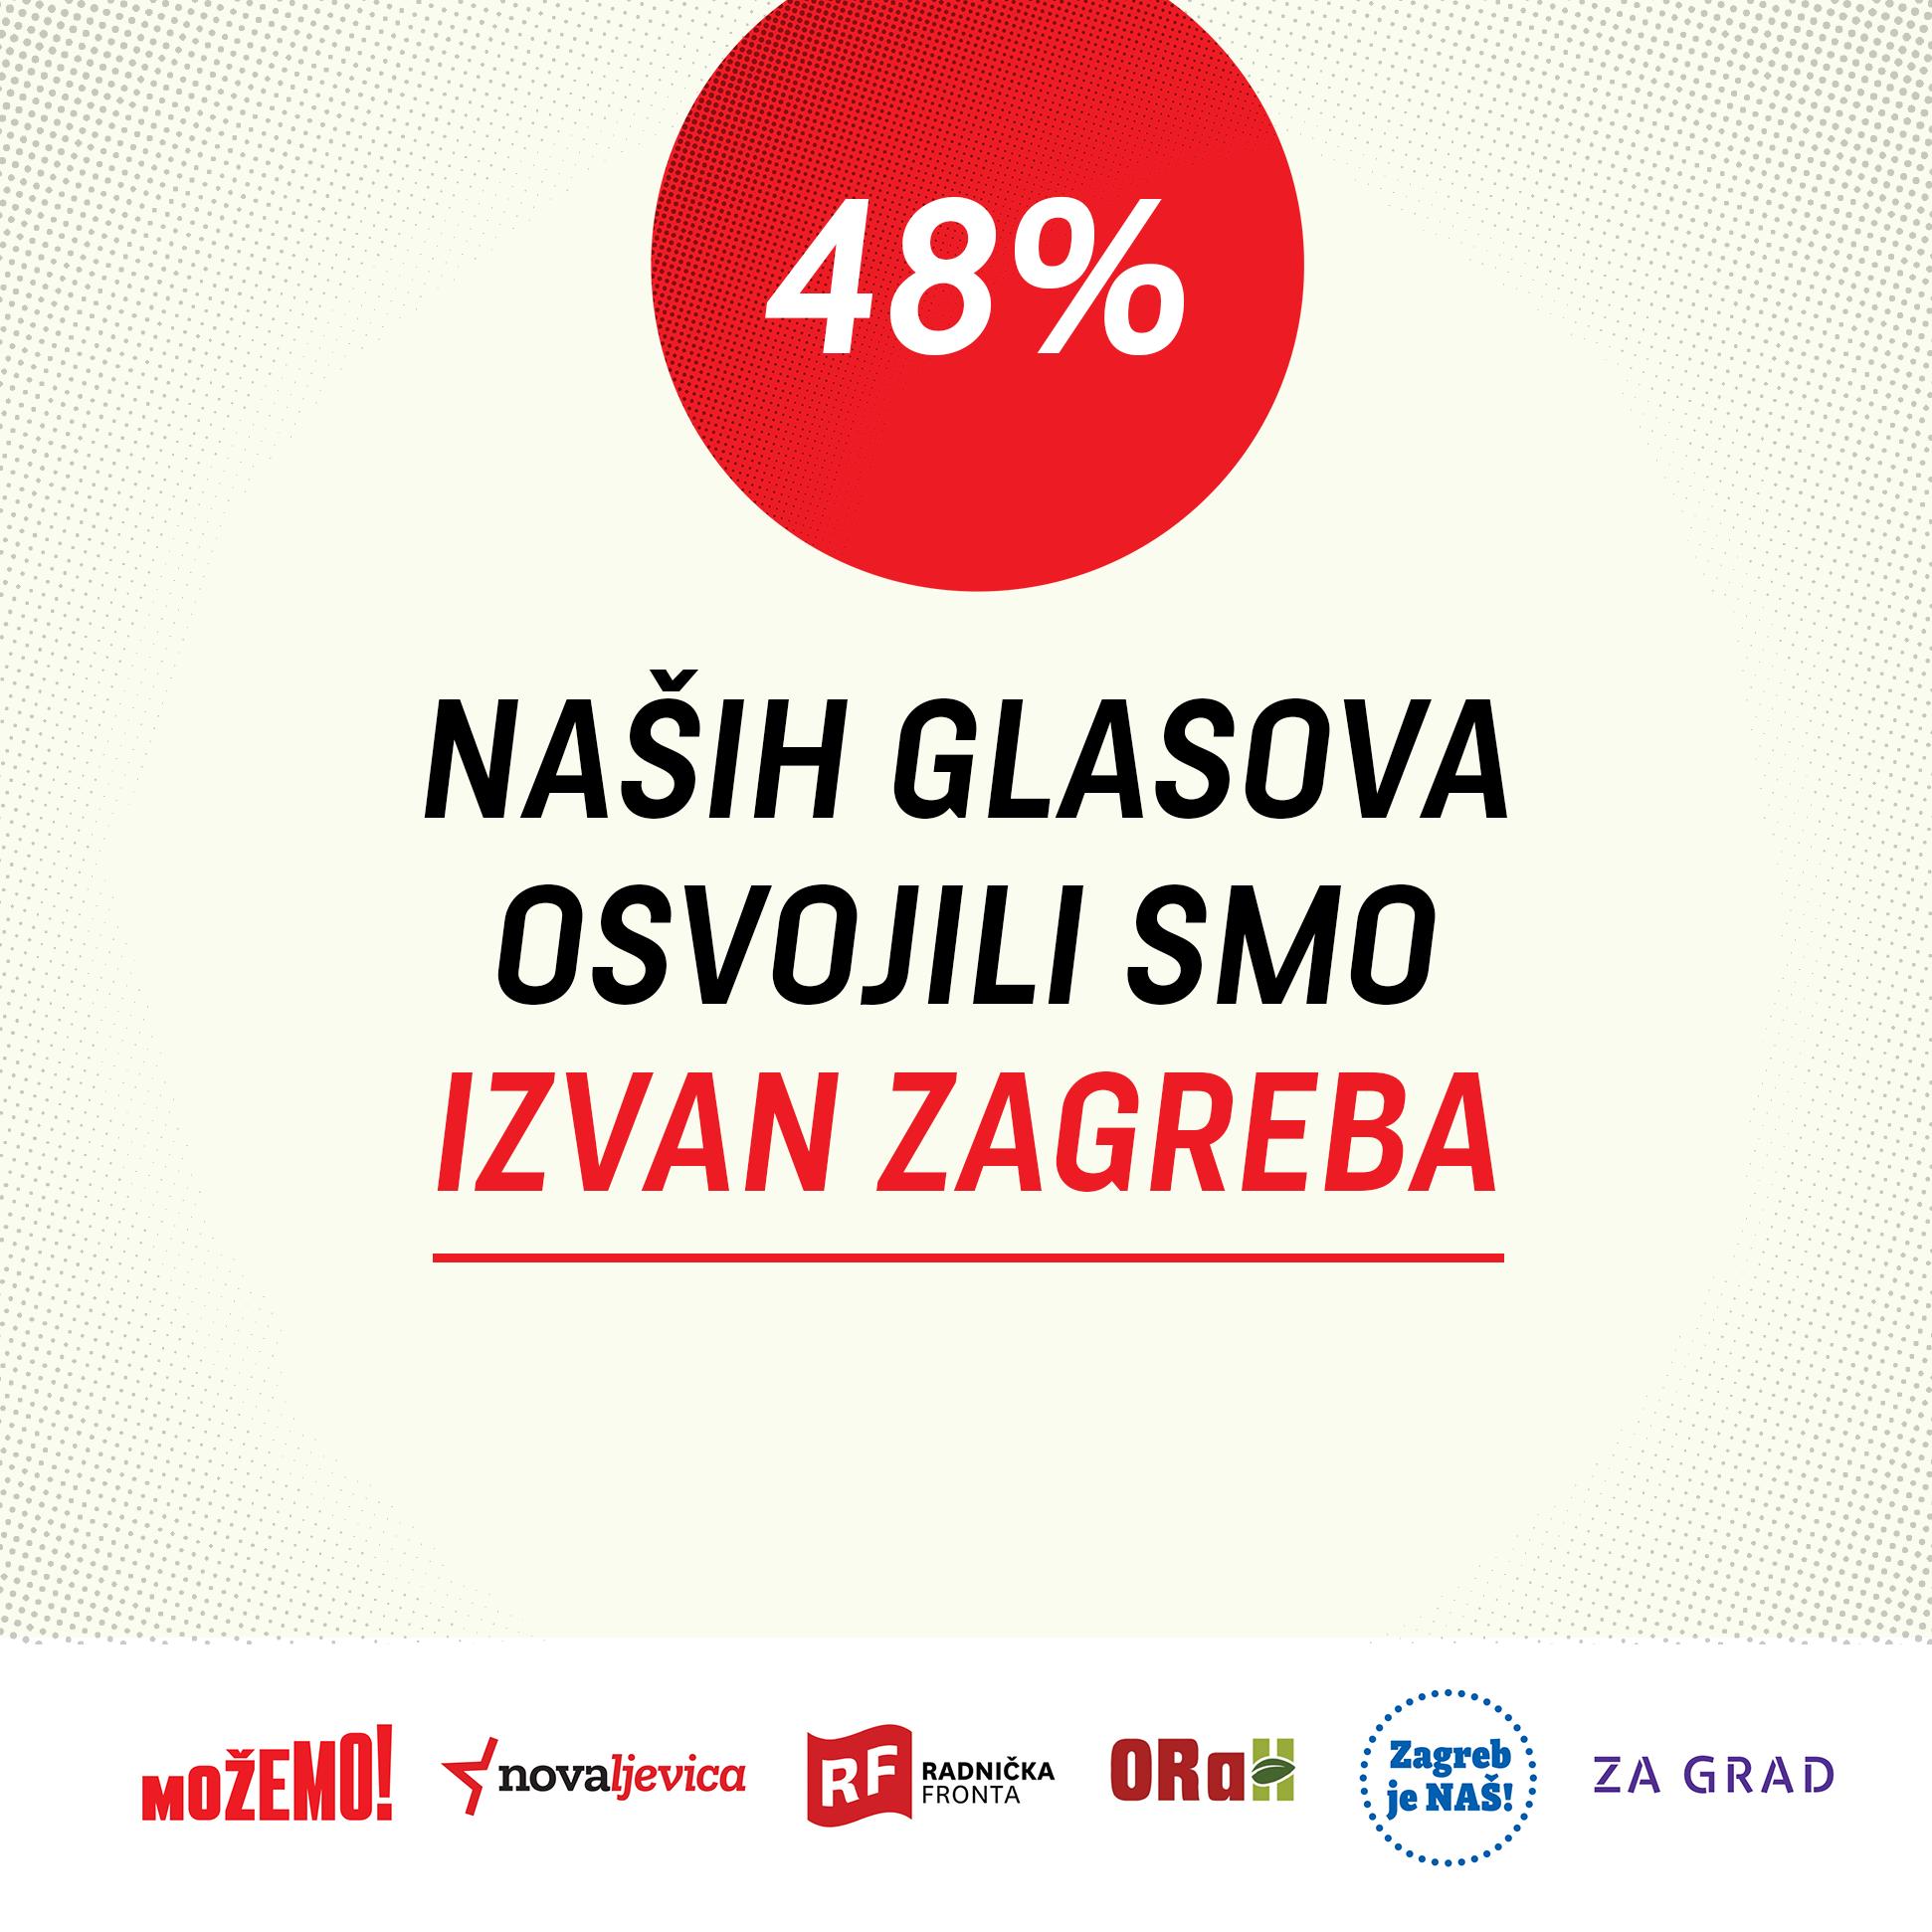 Polovica naših glasova došla je izvan Zagreba!